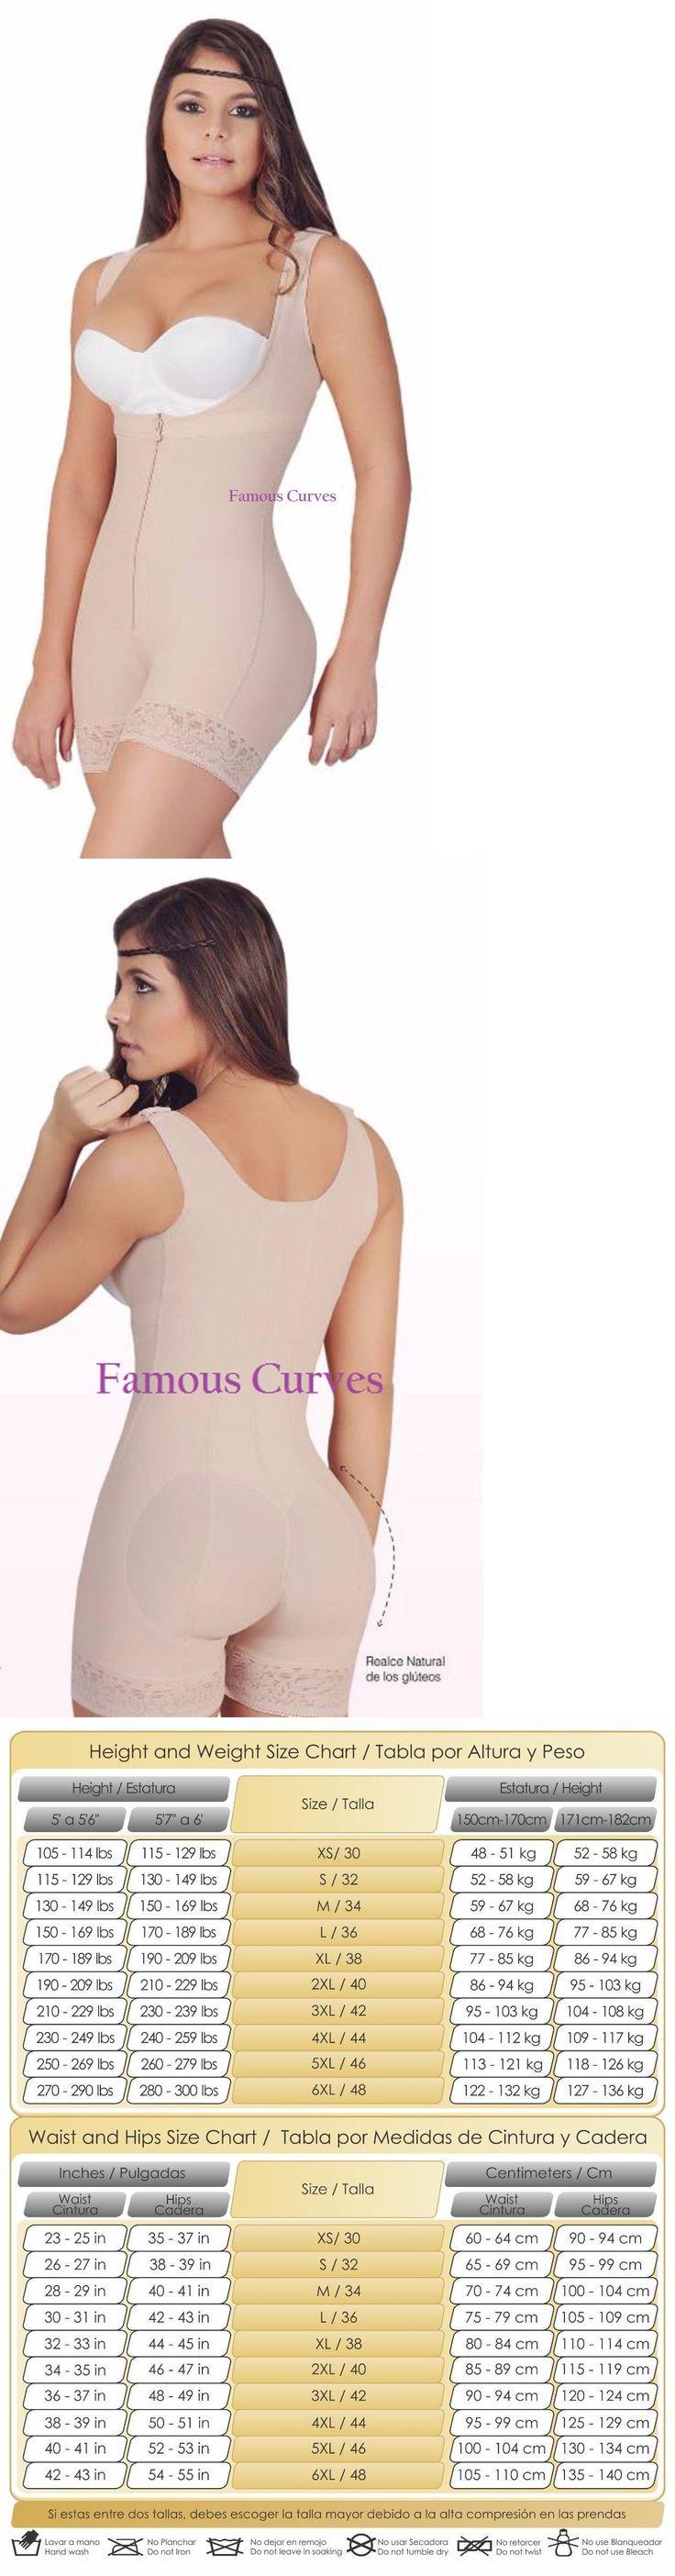 Shapewear 11530: En Fajate Con Las Fajas Reductoras Colombianas Post Surgery Levanta Cola Shaper -> BUY IT NOW ONLY: $59.85 on eBay!